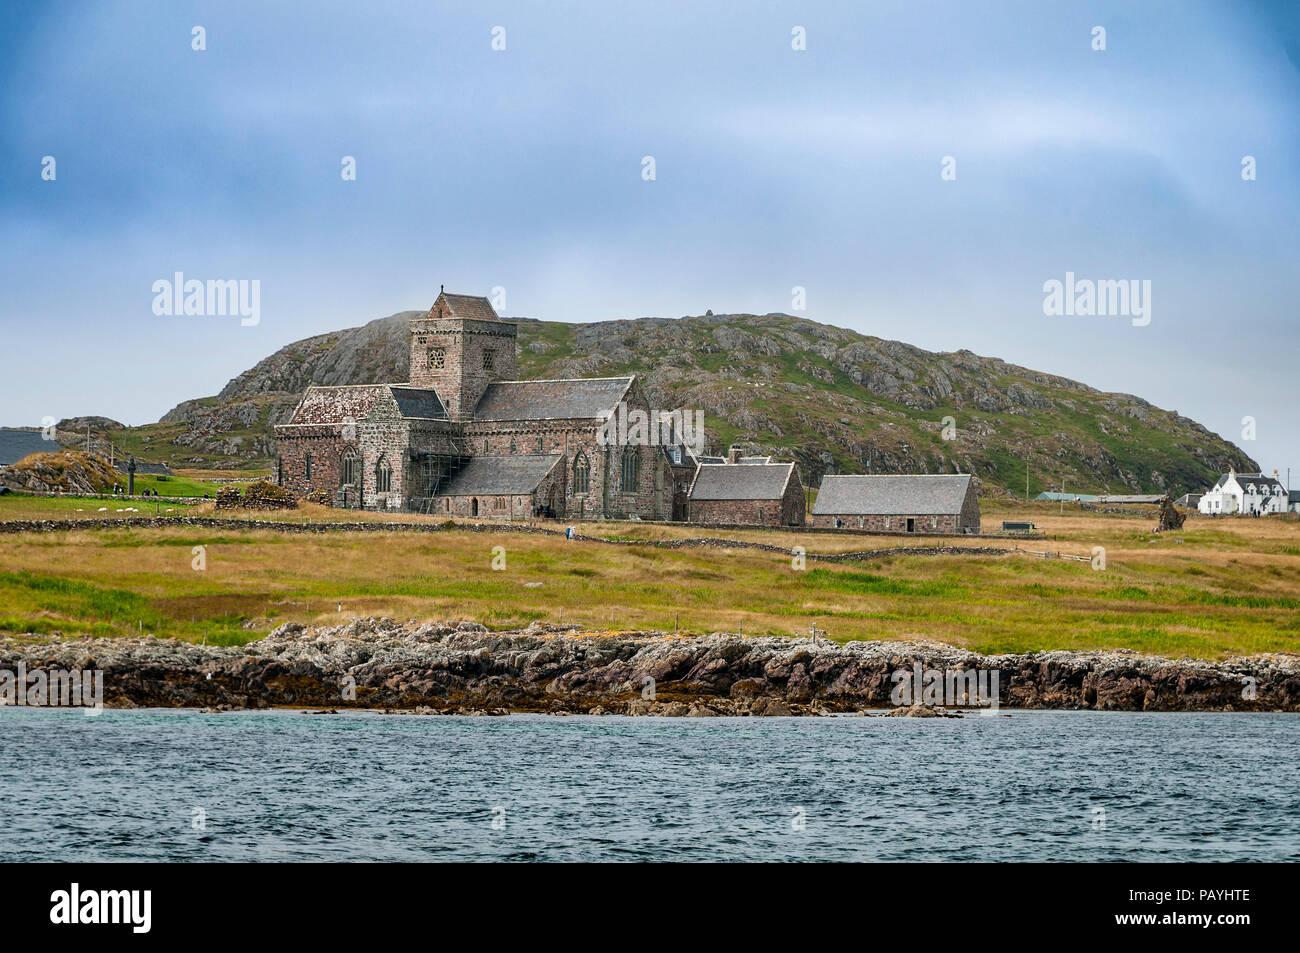 The island of Iona. Argyll. Scotland. - Stock Image